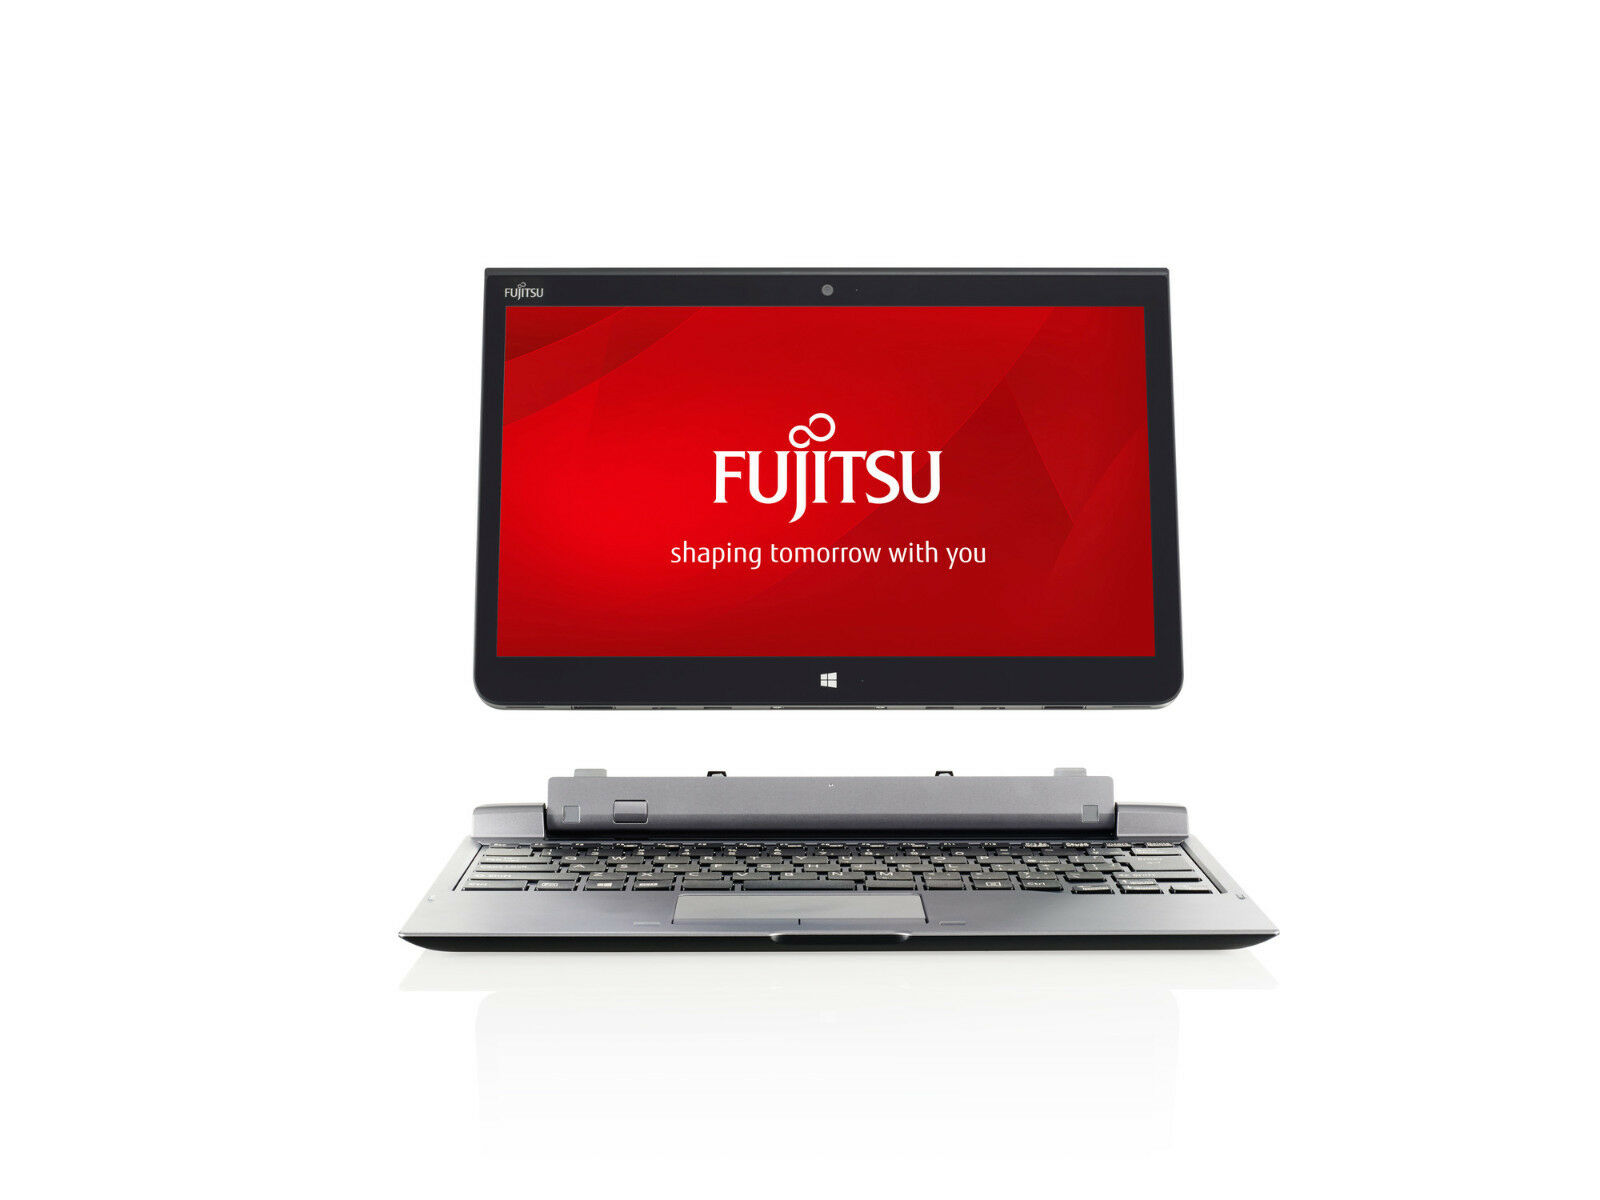 Fujitsu STYLISTIC Q775 Tablet PC 13.3 i5-5300U with Keyboard Cradle CP684885-01